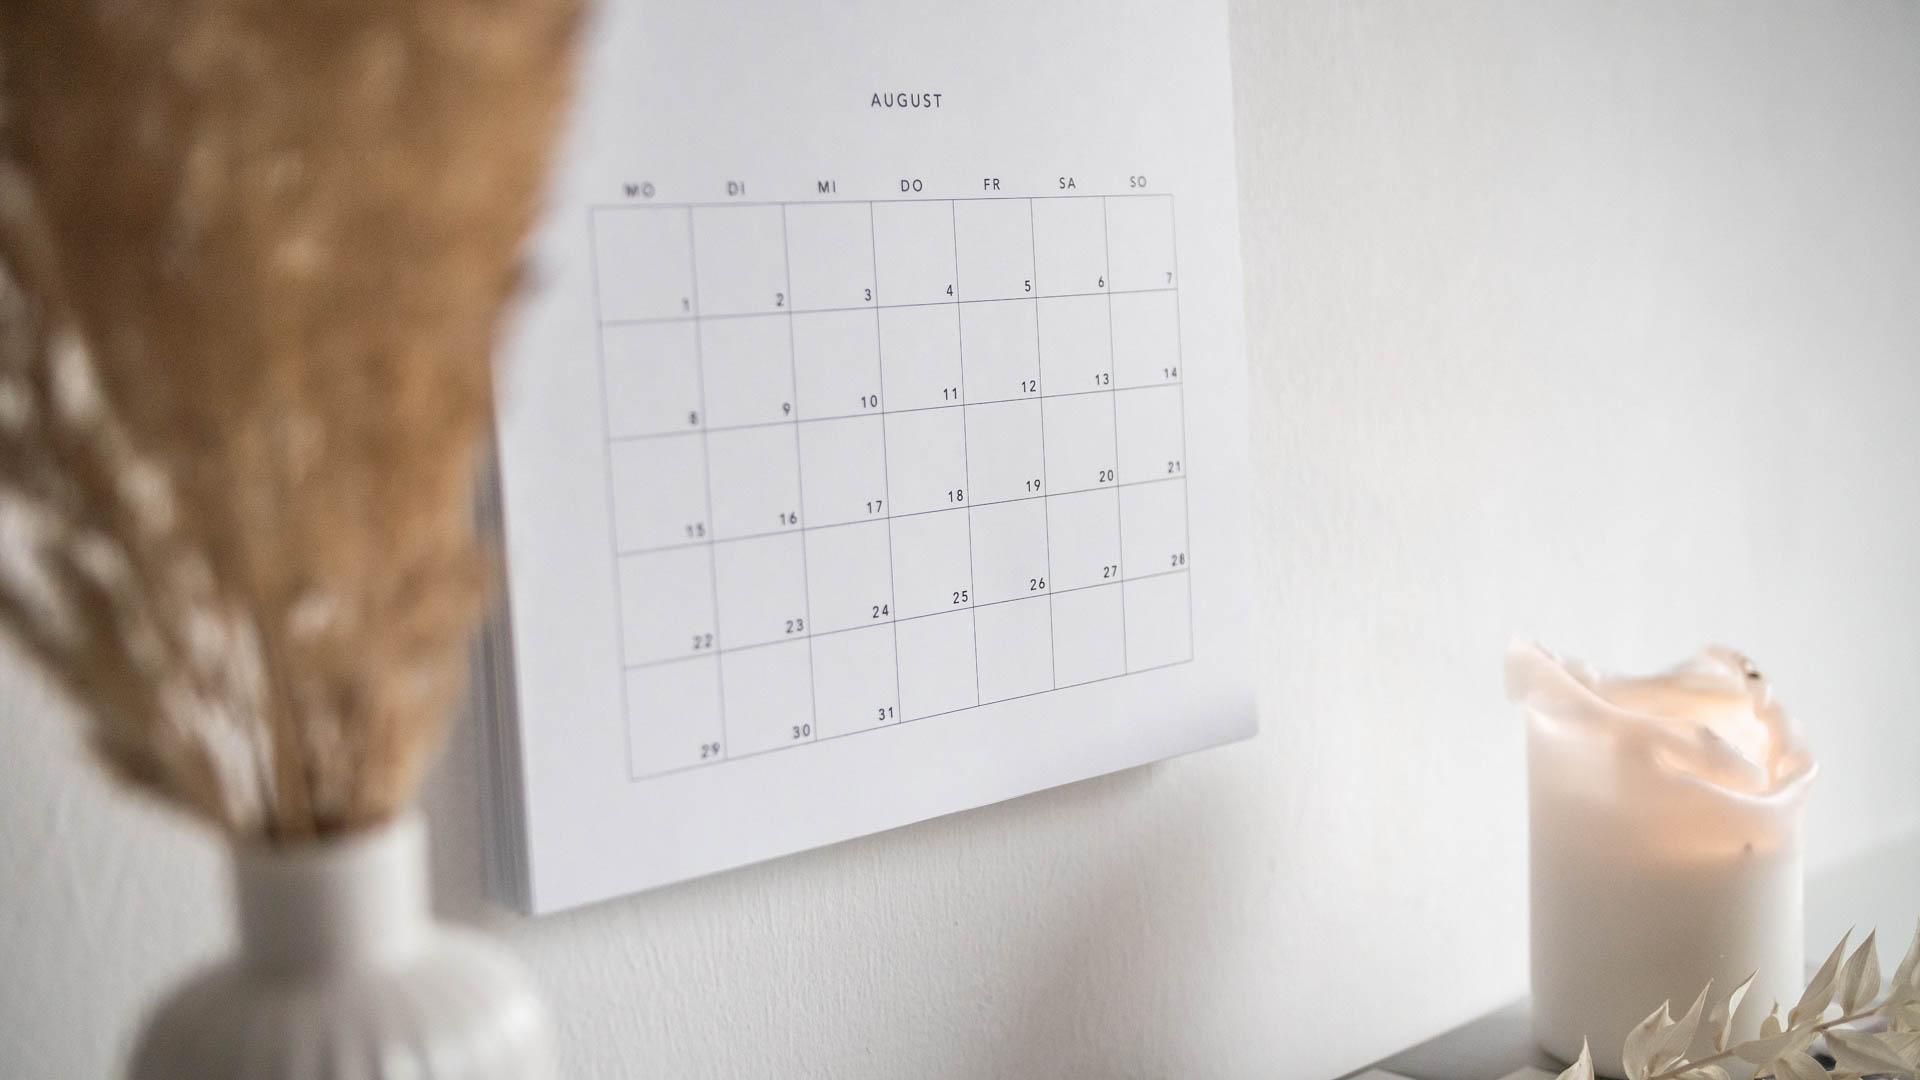 Wandkalender 2022 August